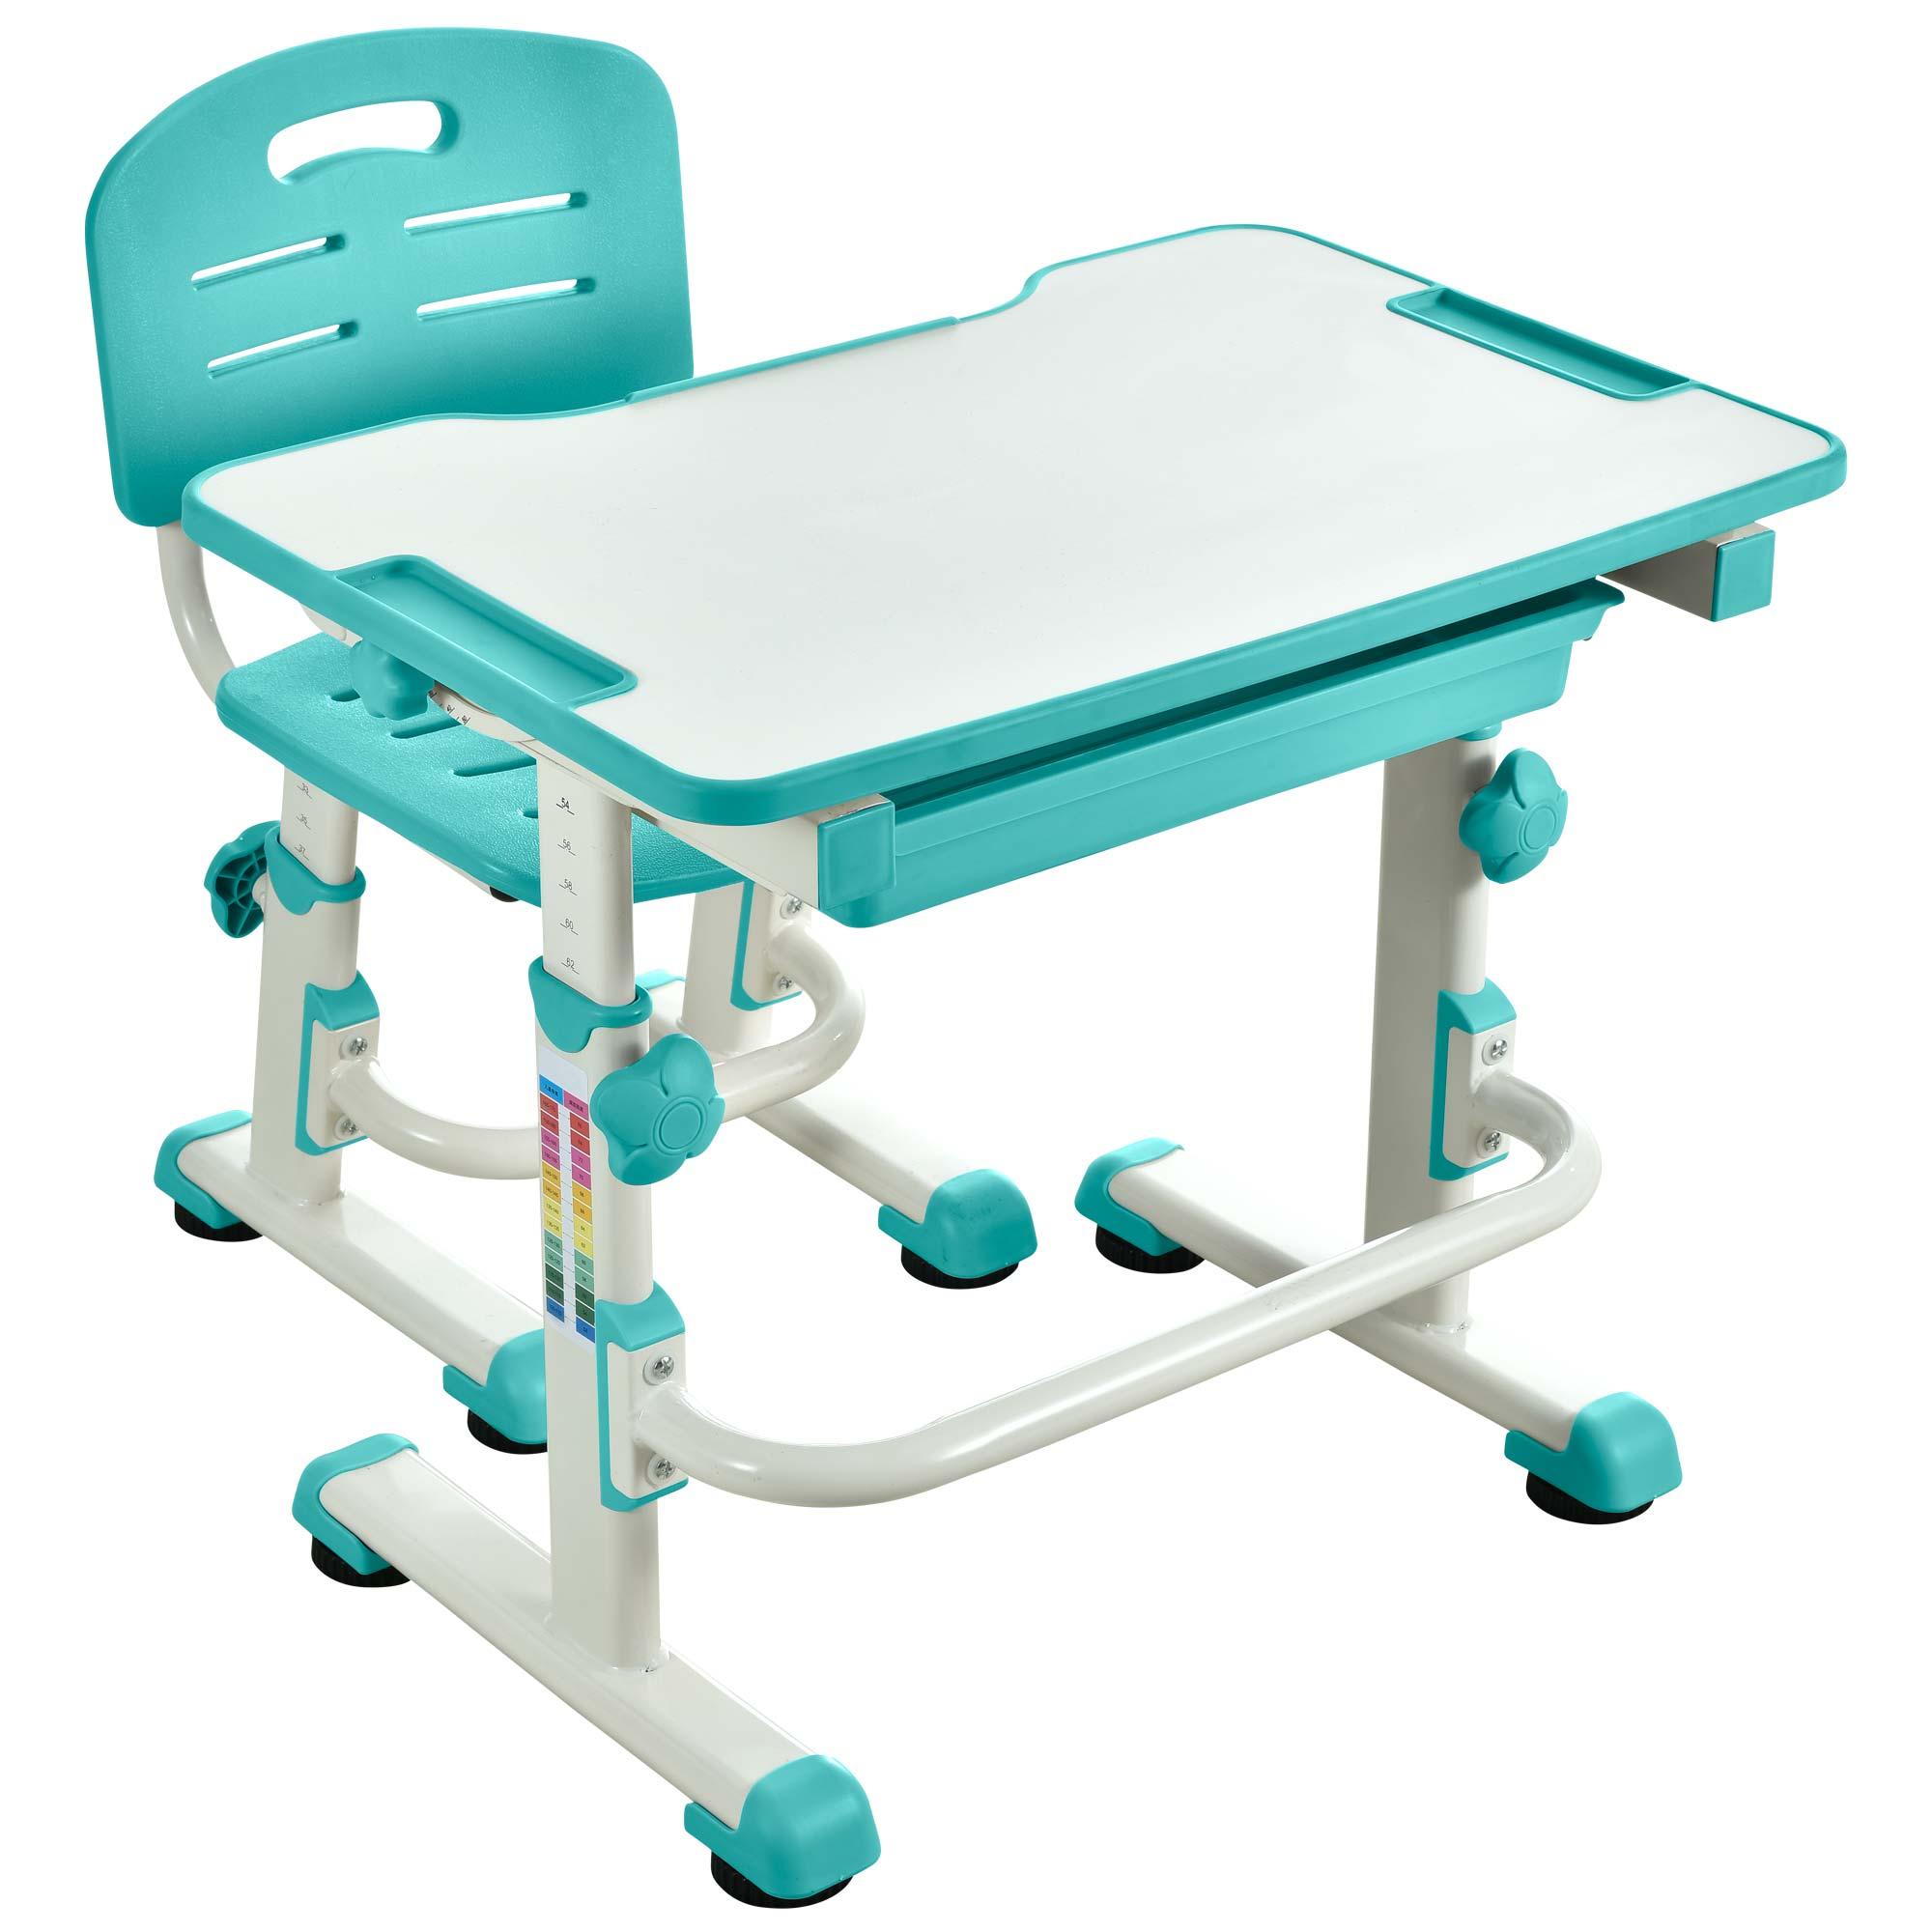 adjustable-kids-desk-for-study-table-for-children-ergonomic-children-learning-table-green-desk-09